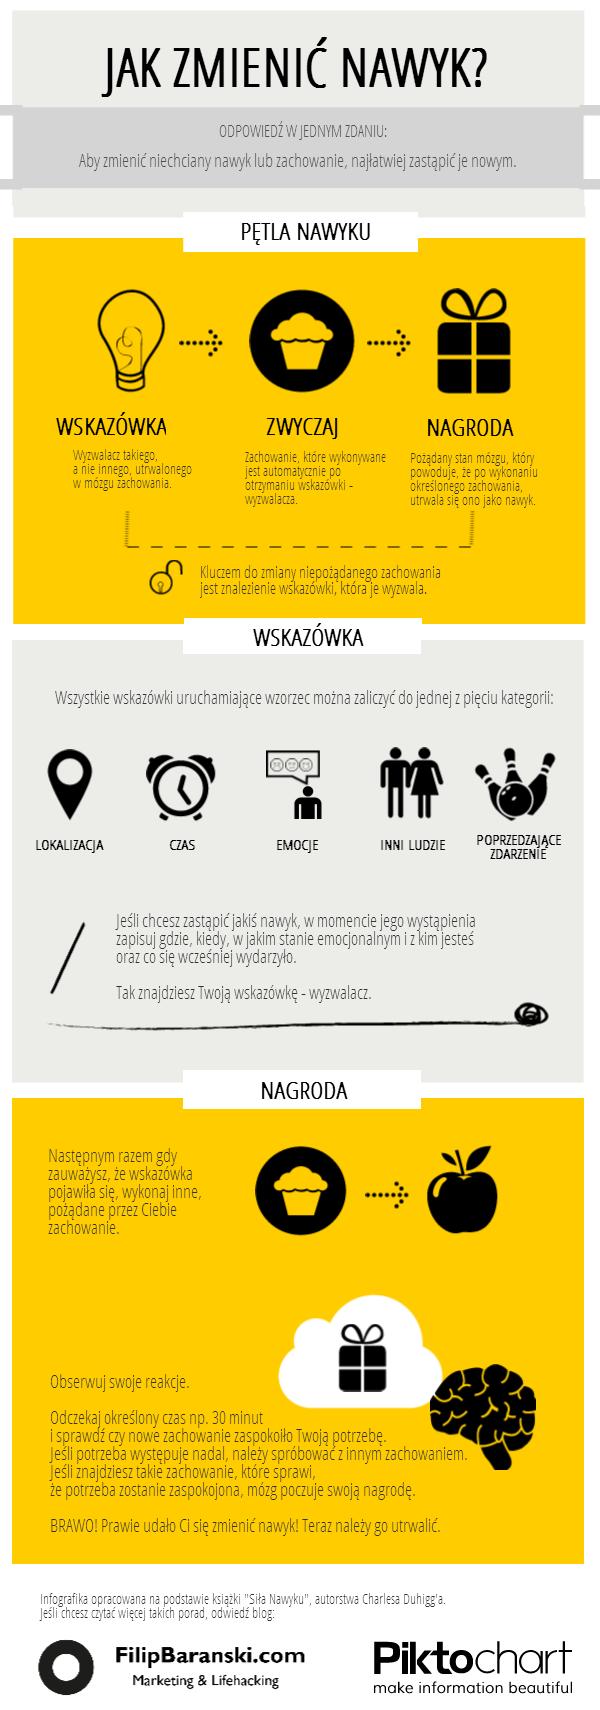 Infografika jak zmienić nawyk FilipBaranski.com